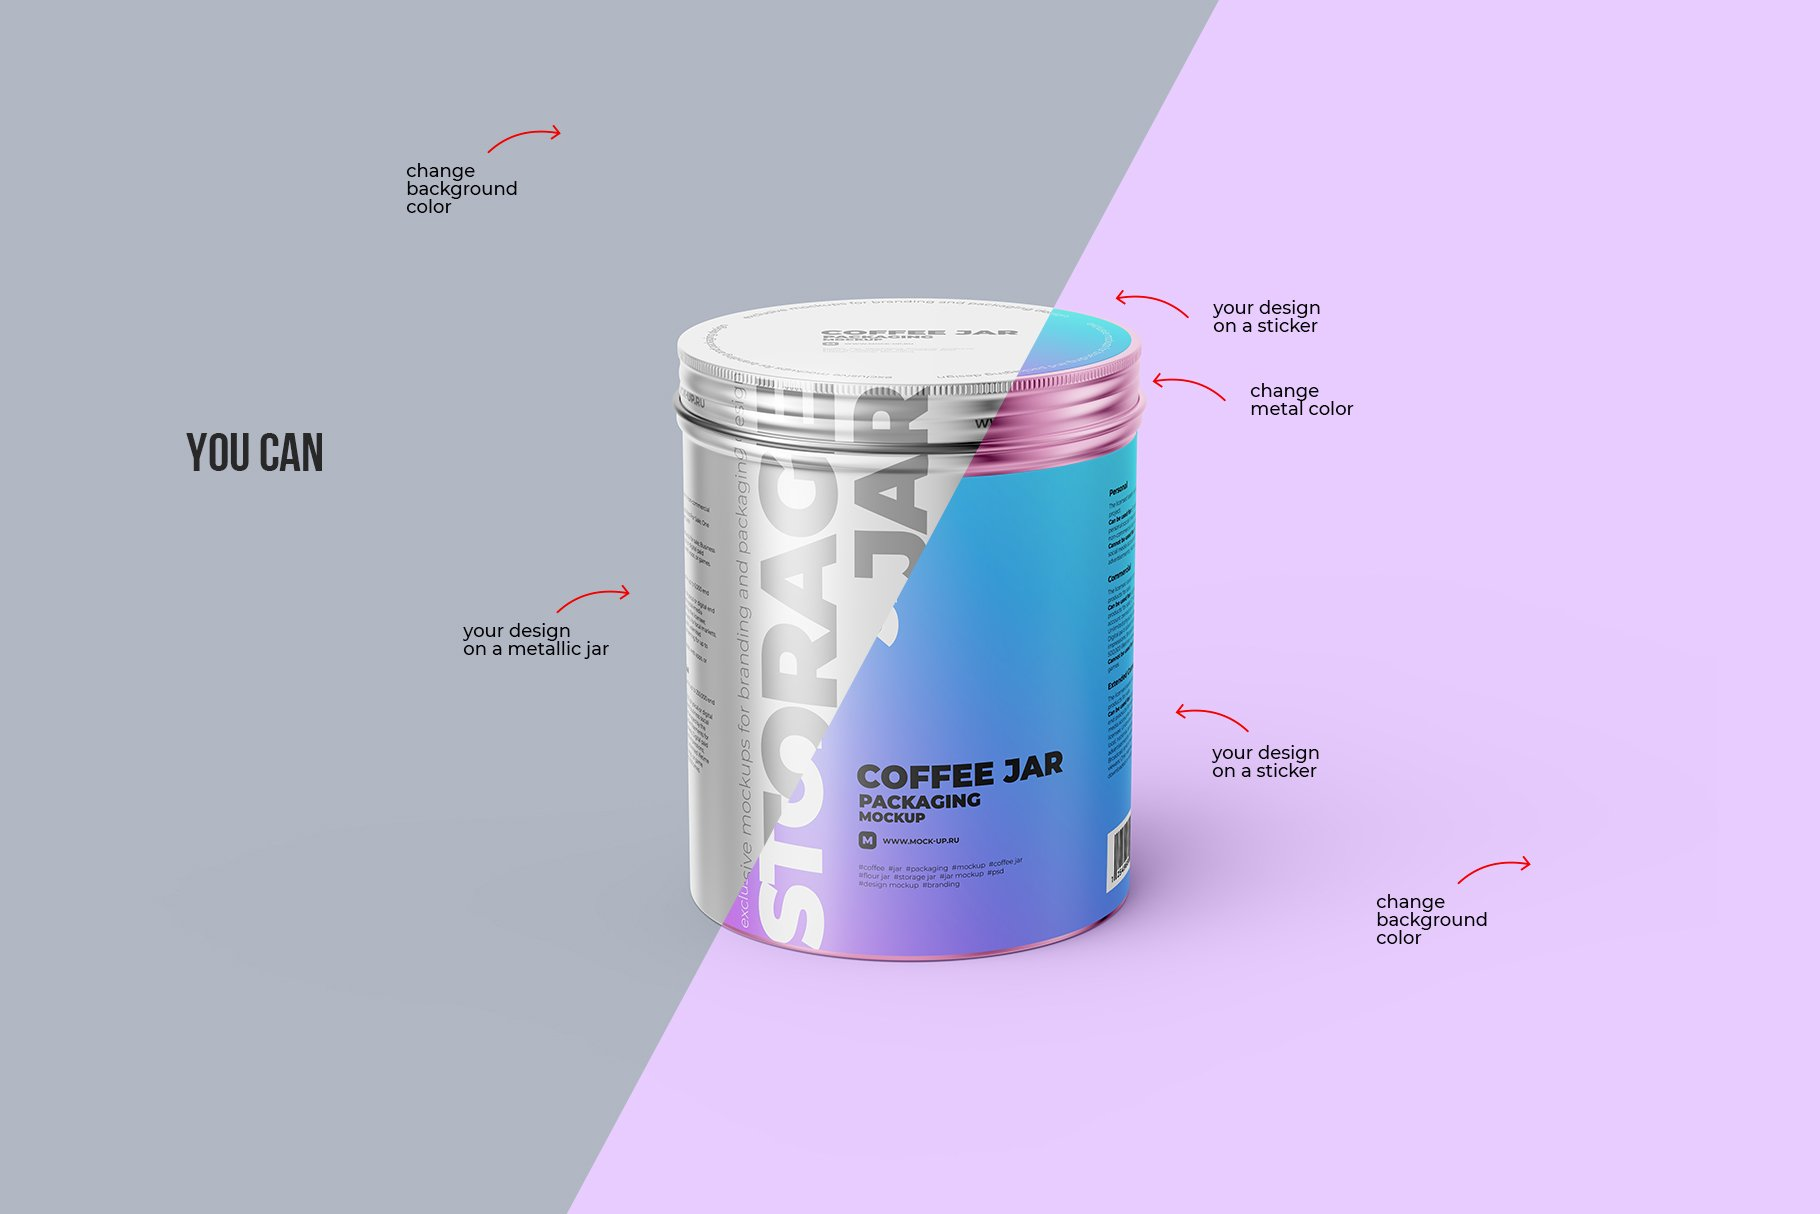 食品茶叶金属锡罐设计展示贴图样机模板 Metallic Storage Jar Angle View插图3